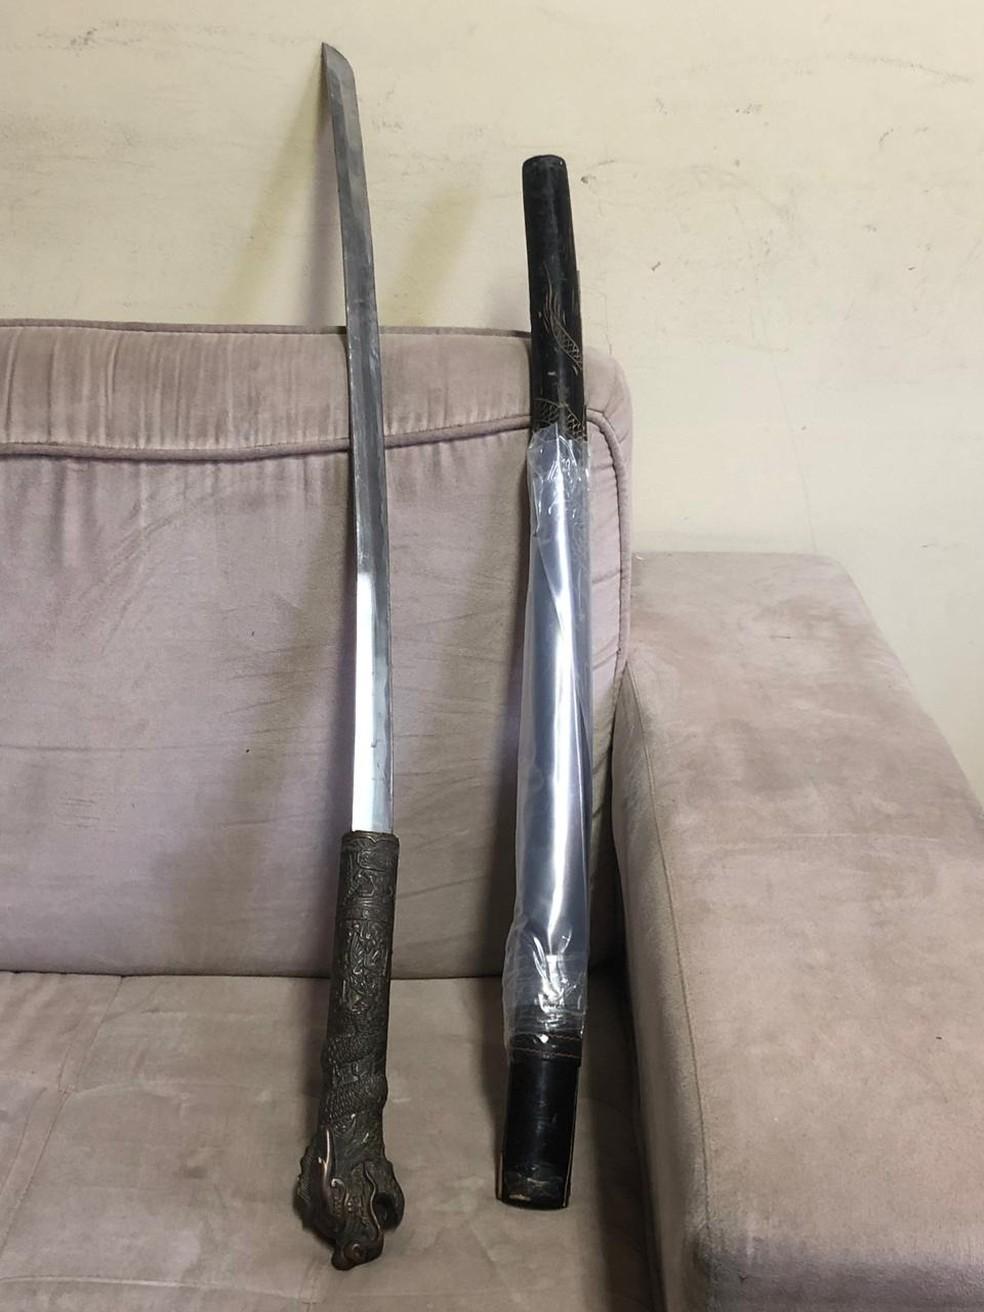 Espada apreendida pela polícia em Itaboraí e que seria usada pela milícia local — Foto: Divulgação/Polícia Civil